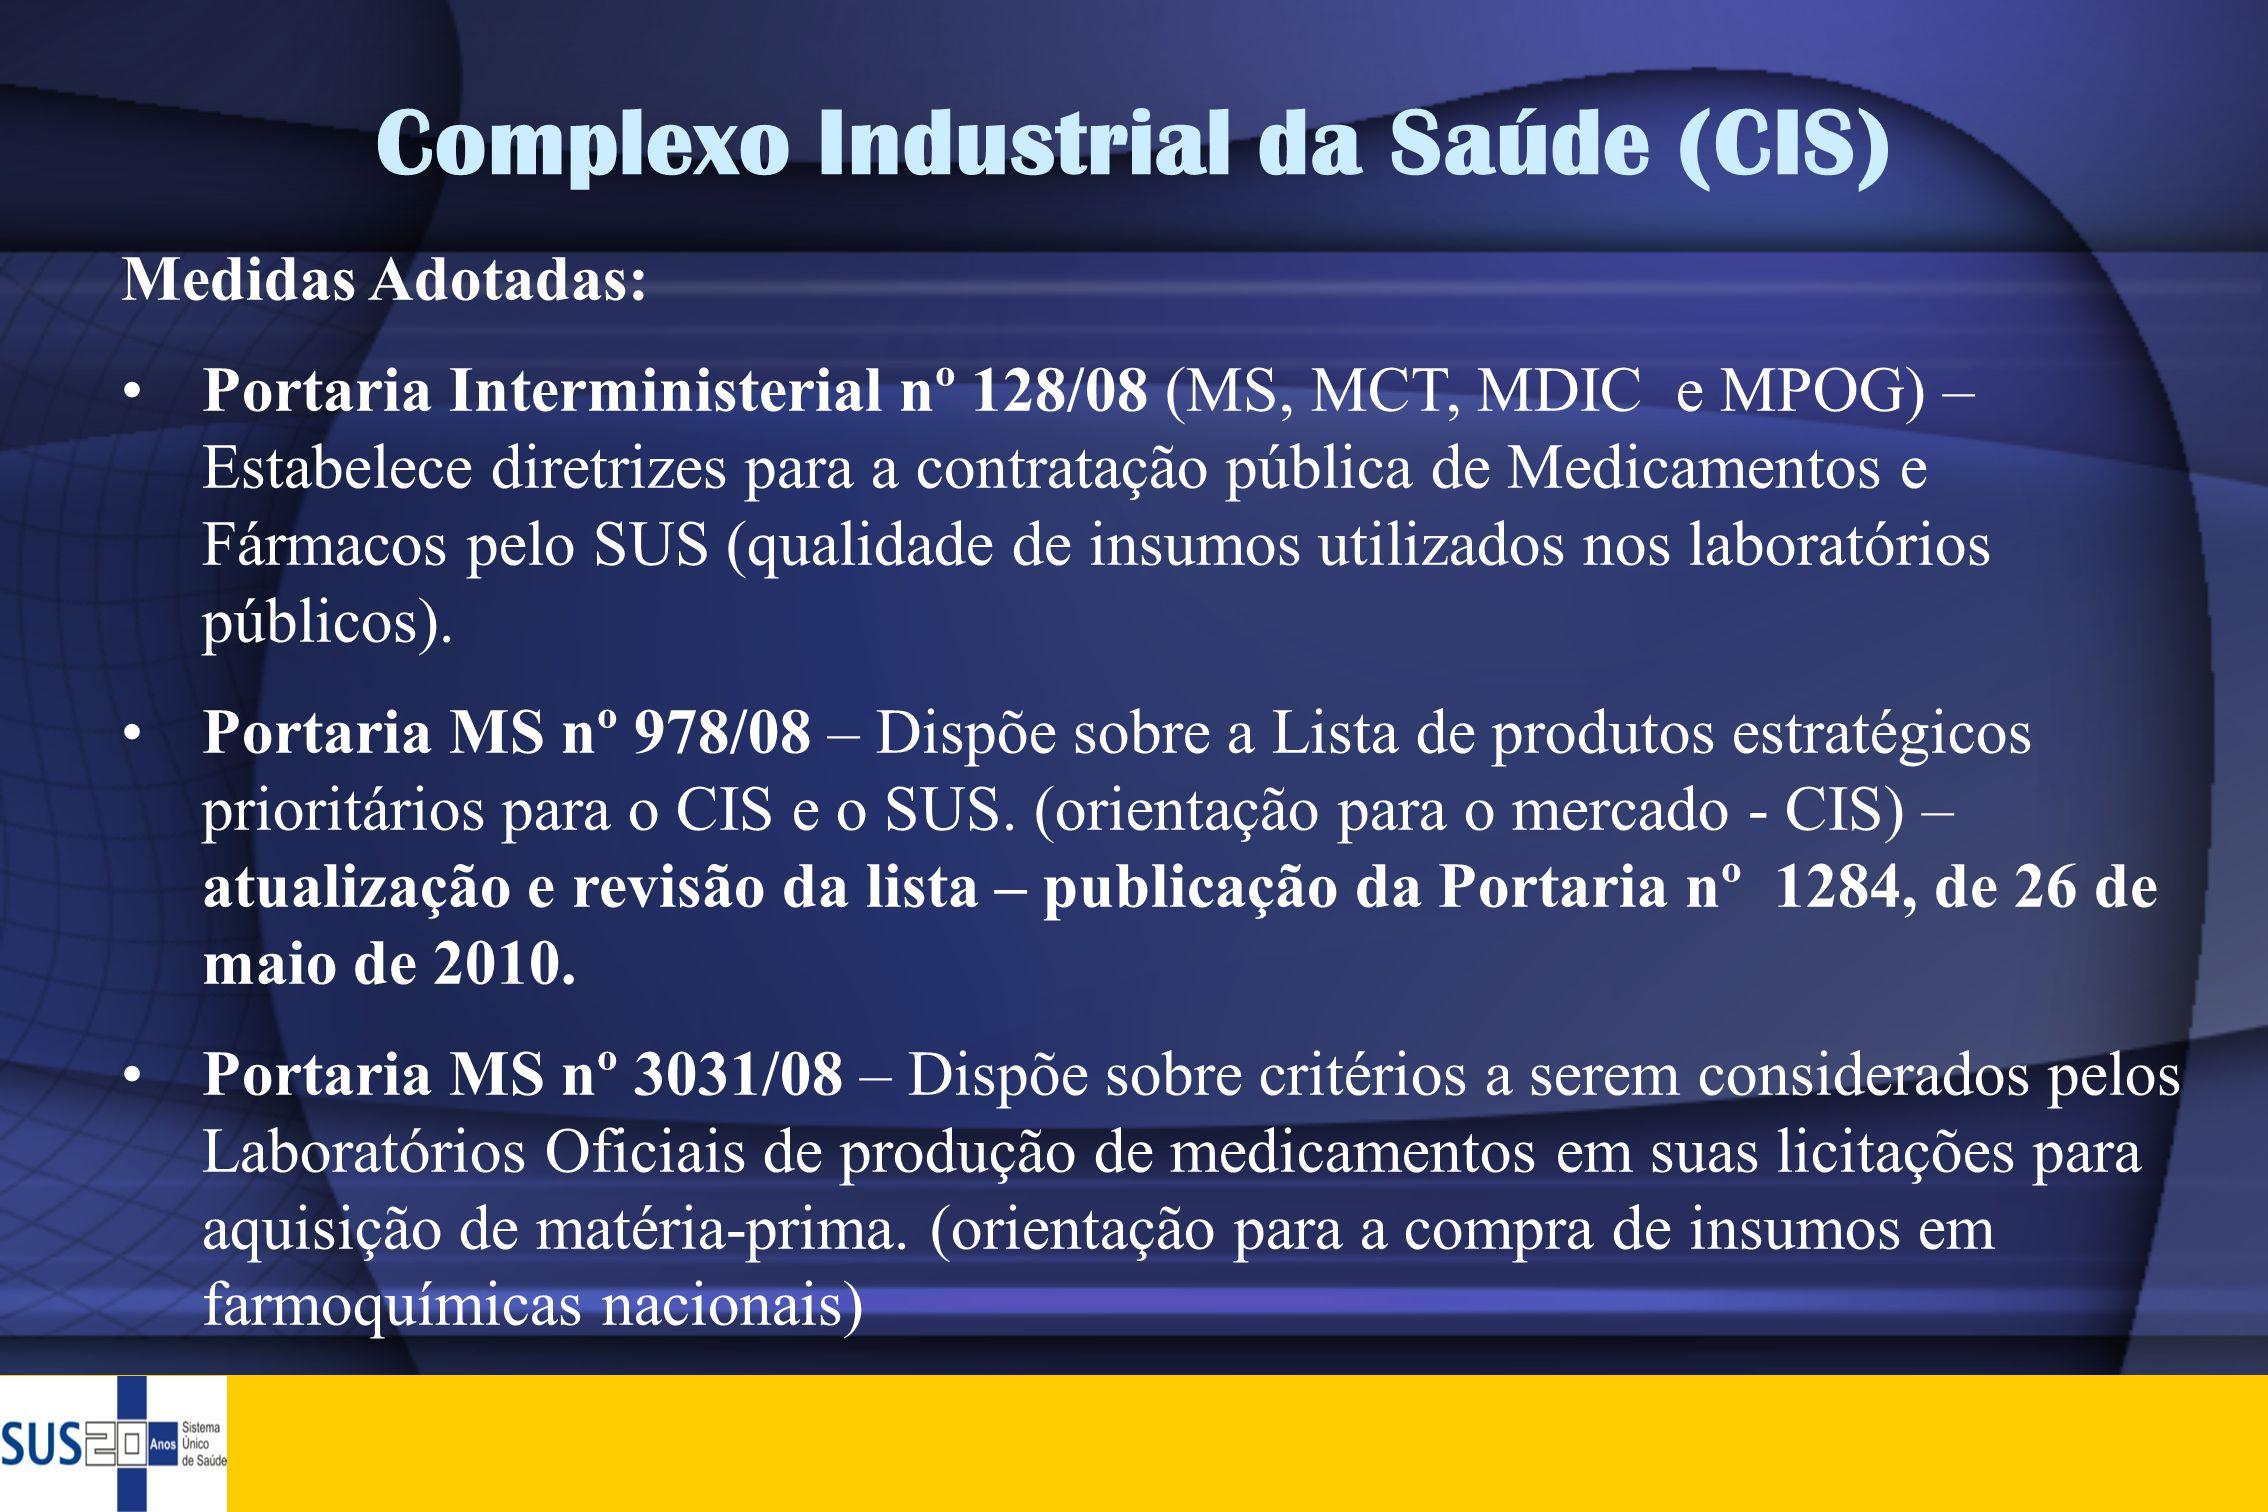 Complexo Industrial da Saúde (CIS) Medidas Adotadas: •Portaria Interministerial nº 128/08 (MS, MCT, MDIC e MPOG) – Estabelece diretrizes para a contra